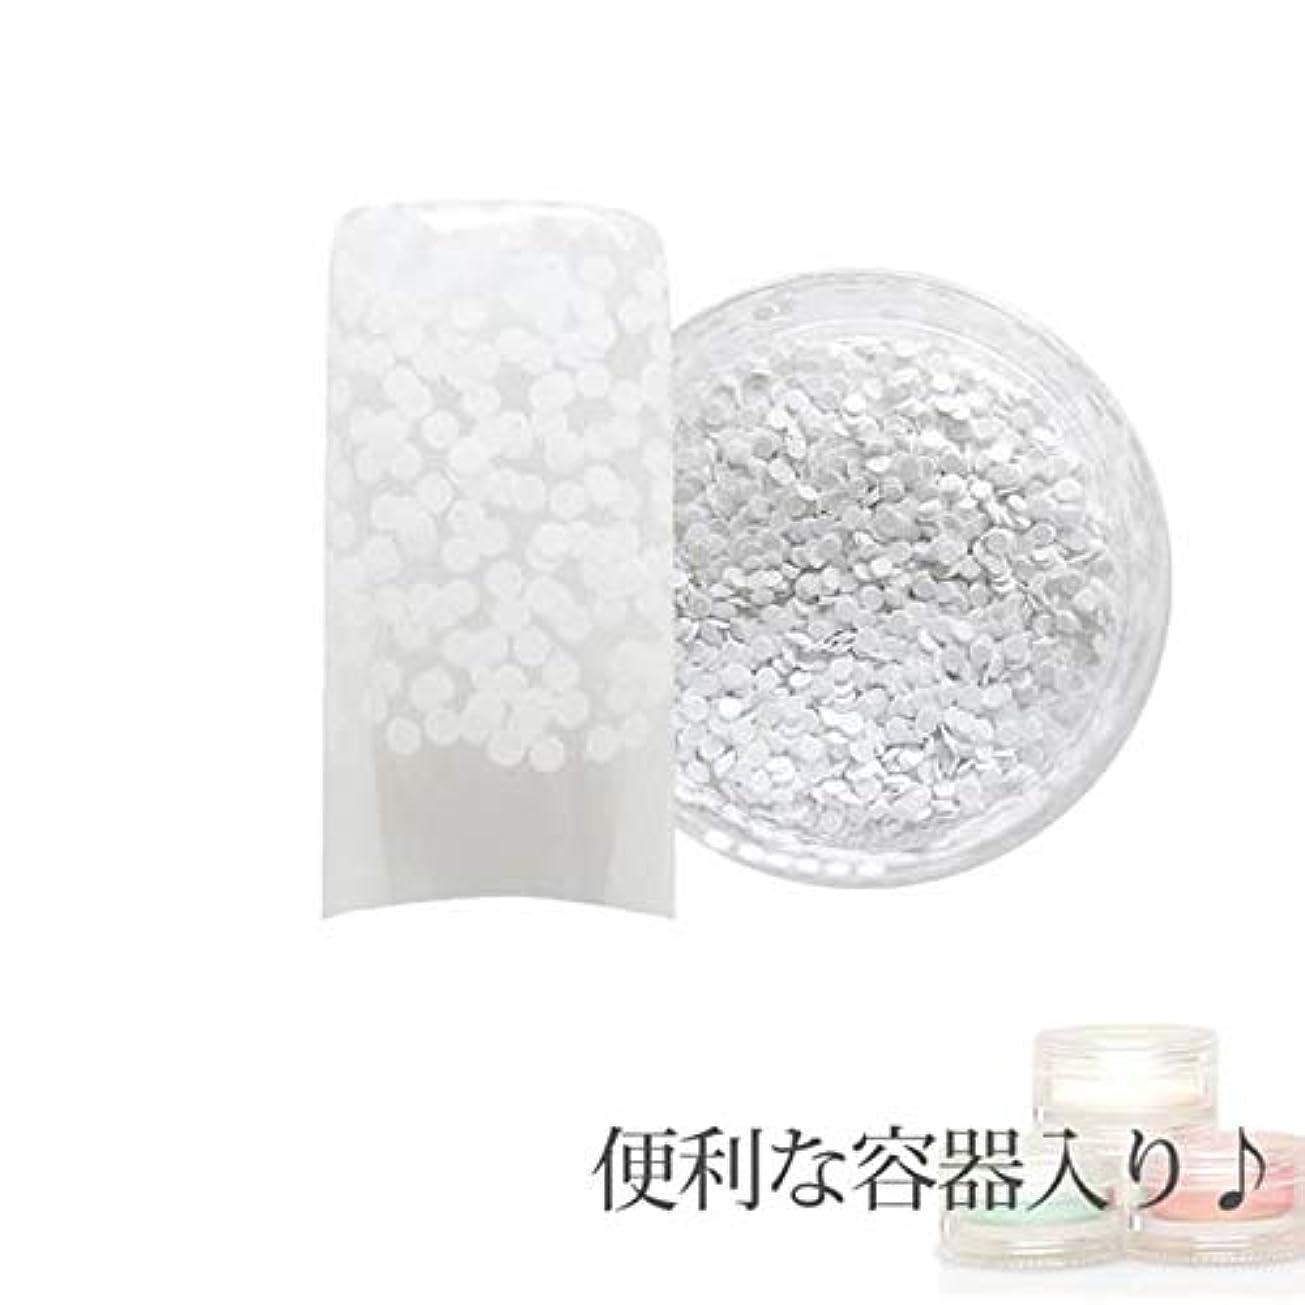 容器入り 丸ホログラム ピュアホワイト 1ミリ 0.5g